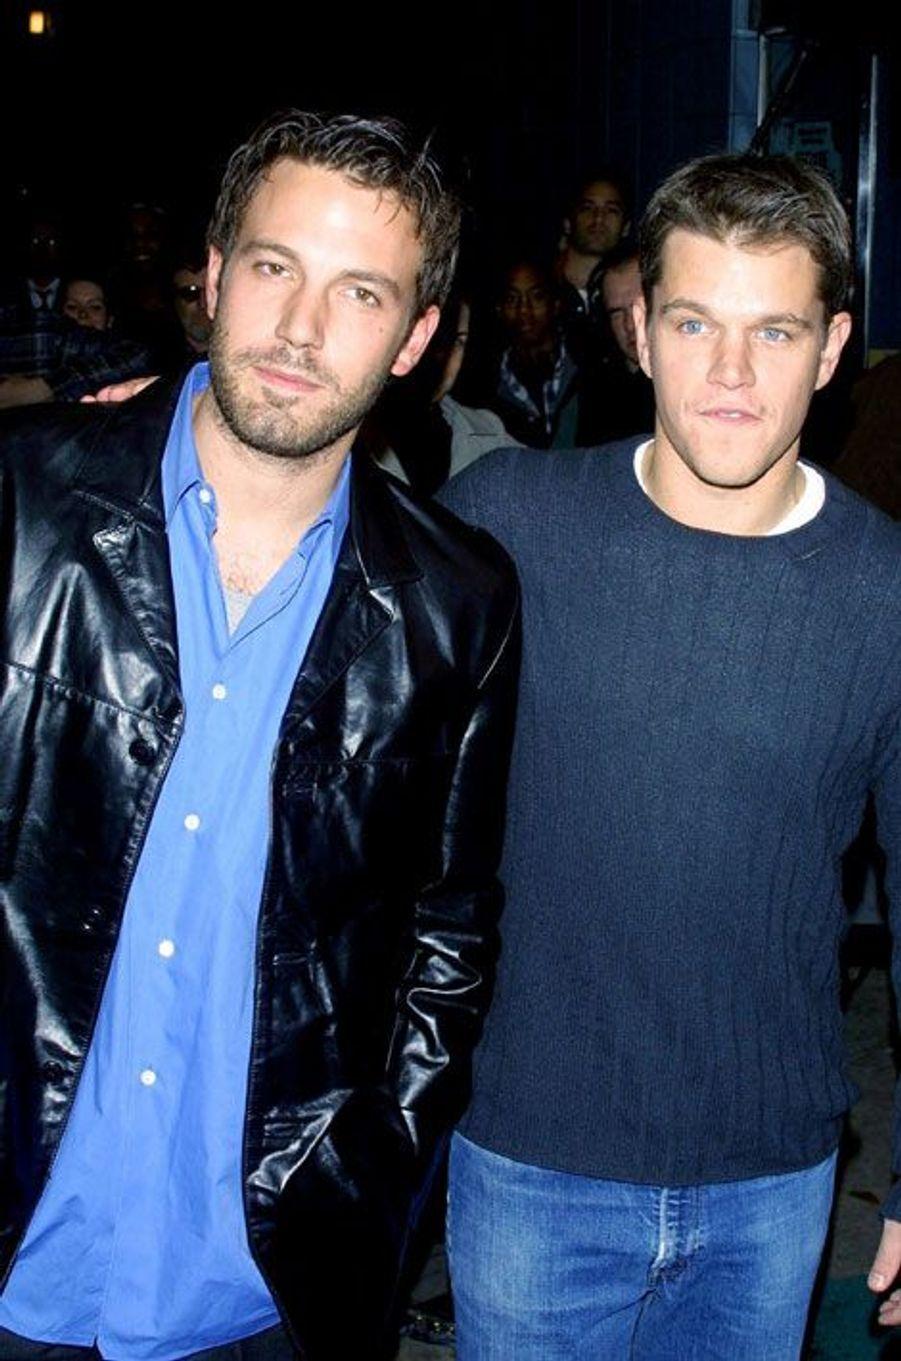 Amis d'enfance, les deux se sont installés ensemble dans les années 1990 à Los Angeles. Et c'est ensemble qu'ils ont écrit le scénario de «Will Hunting», oscarisé en 1997. Depuis, leur amitié s'est renforcée. Lorsque Ben Affleck était au plus bas – notamment à l'époque où il était avec Jennifer Lopez -, Matt Damon n'a cessé de le soutenir, lui permettant de remonter la pente.